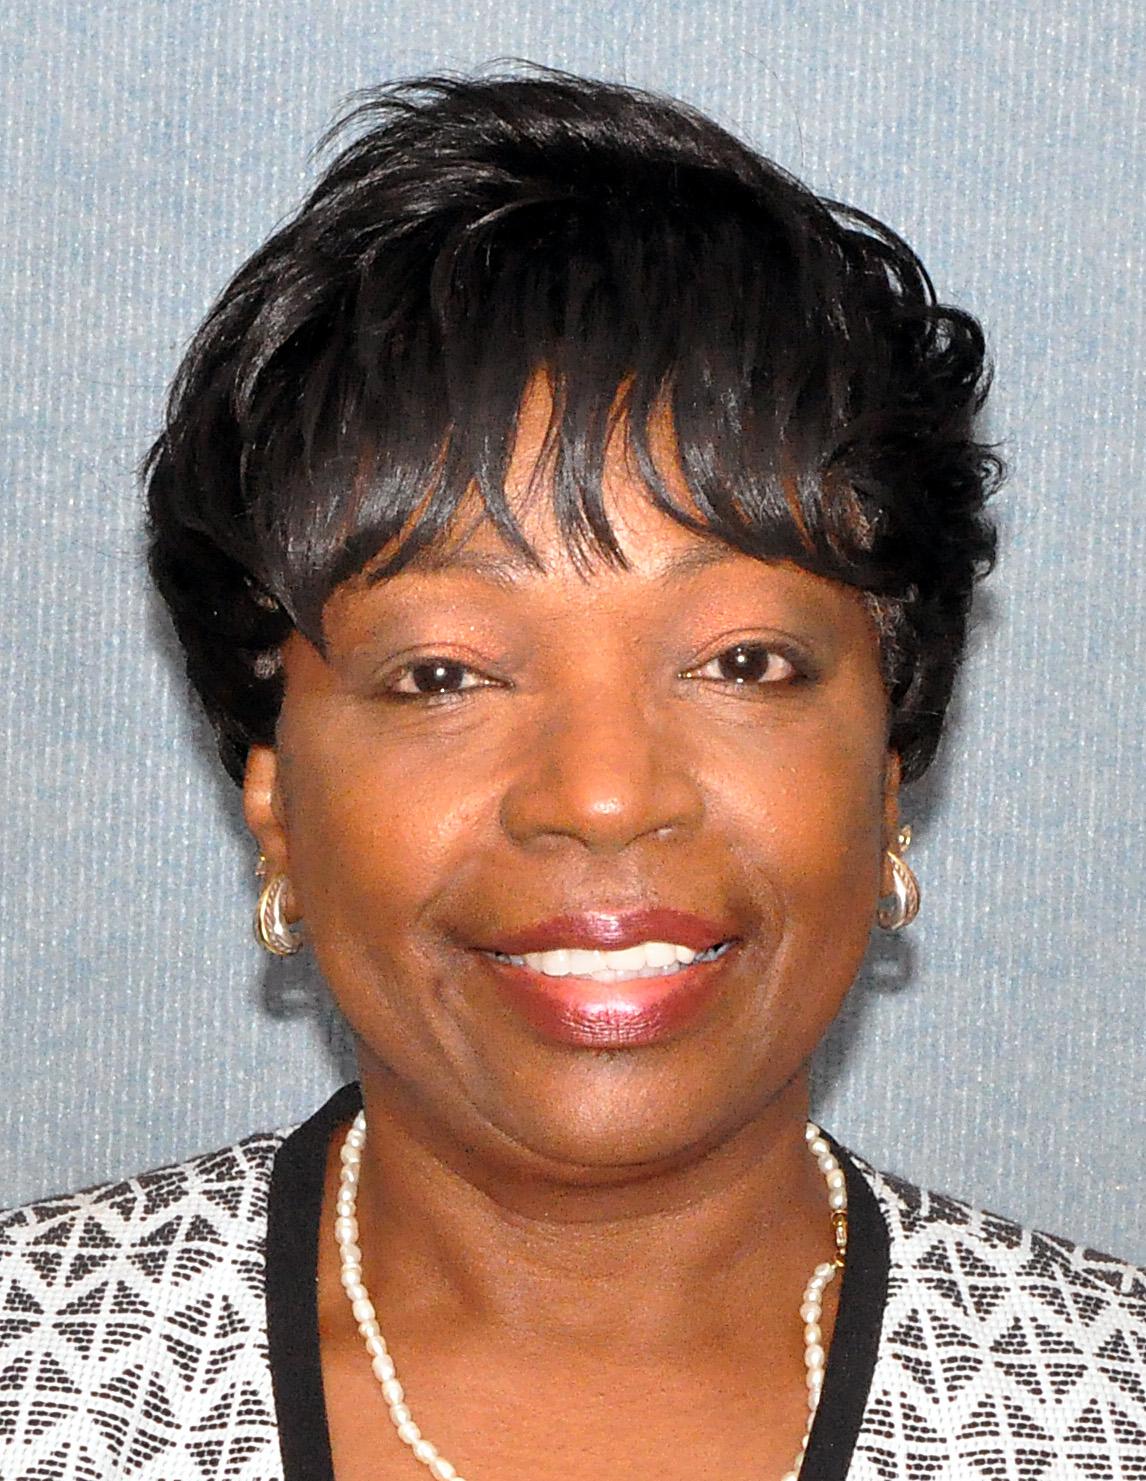 Ms Sharon Poitier